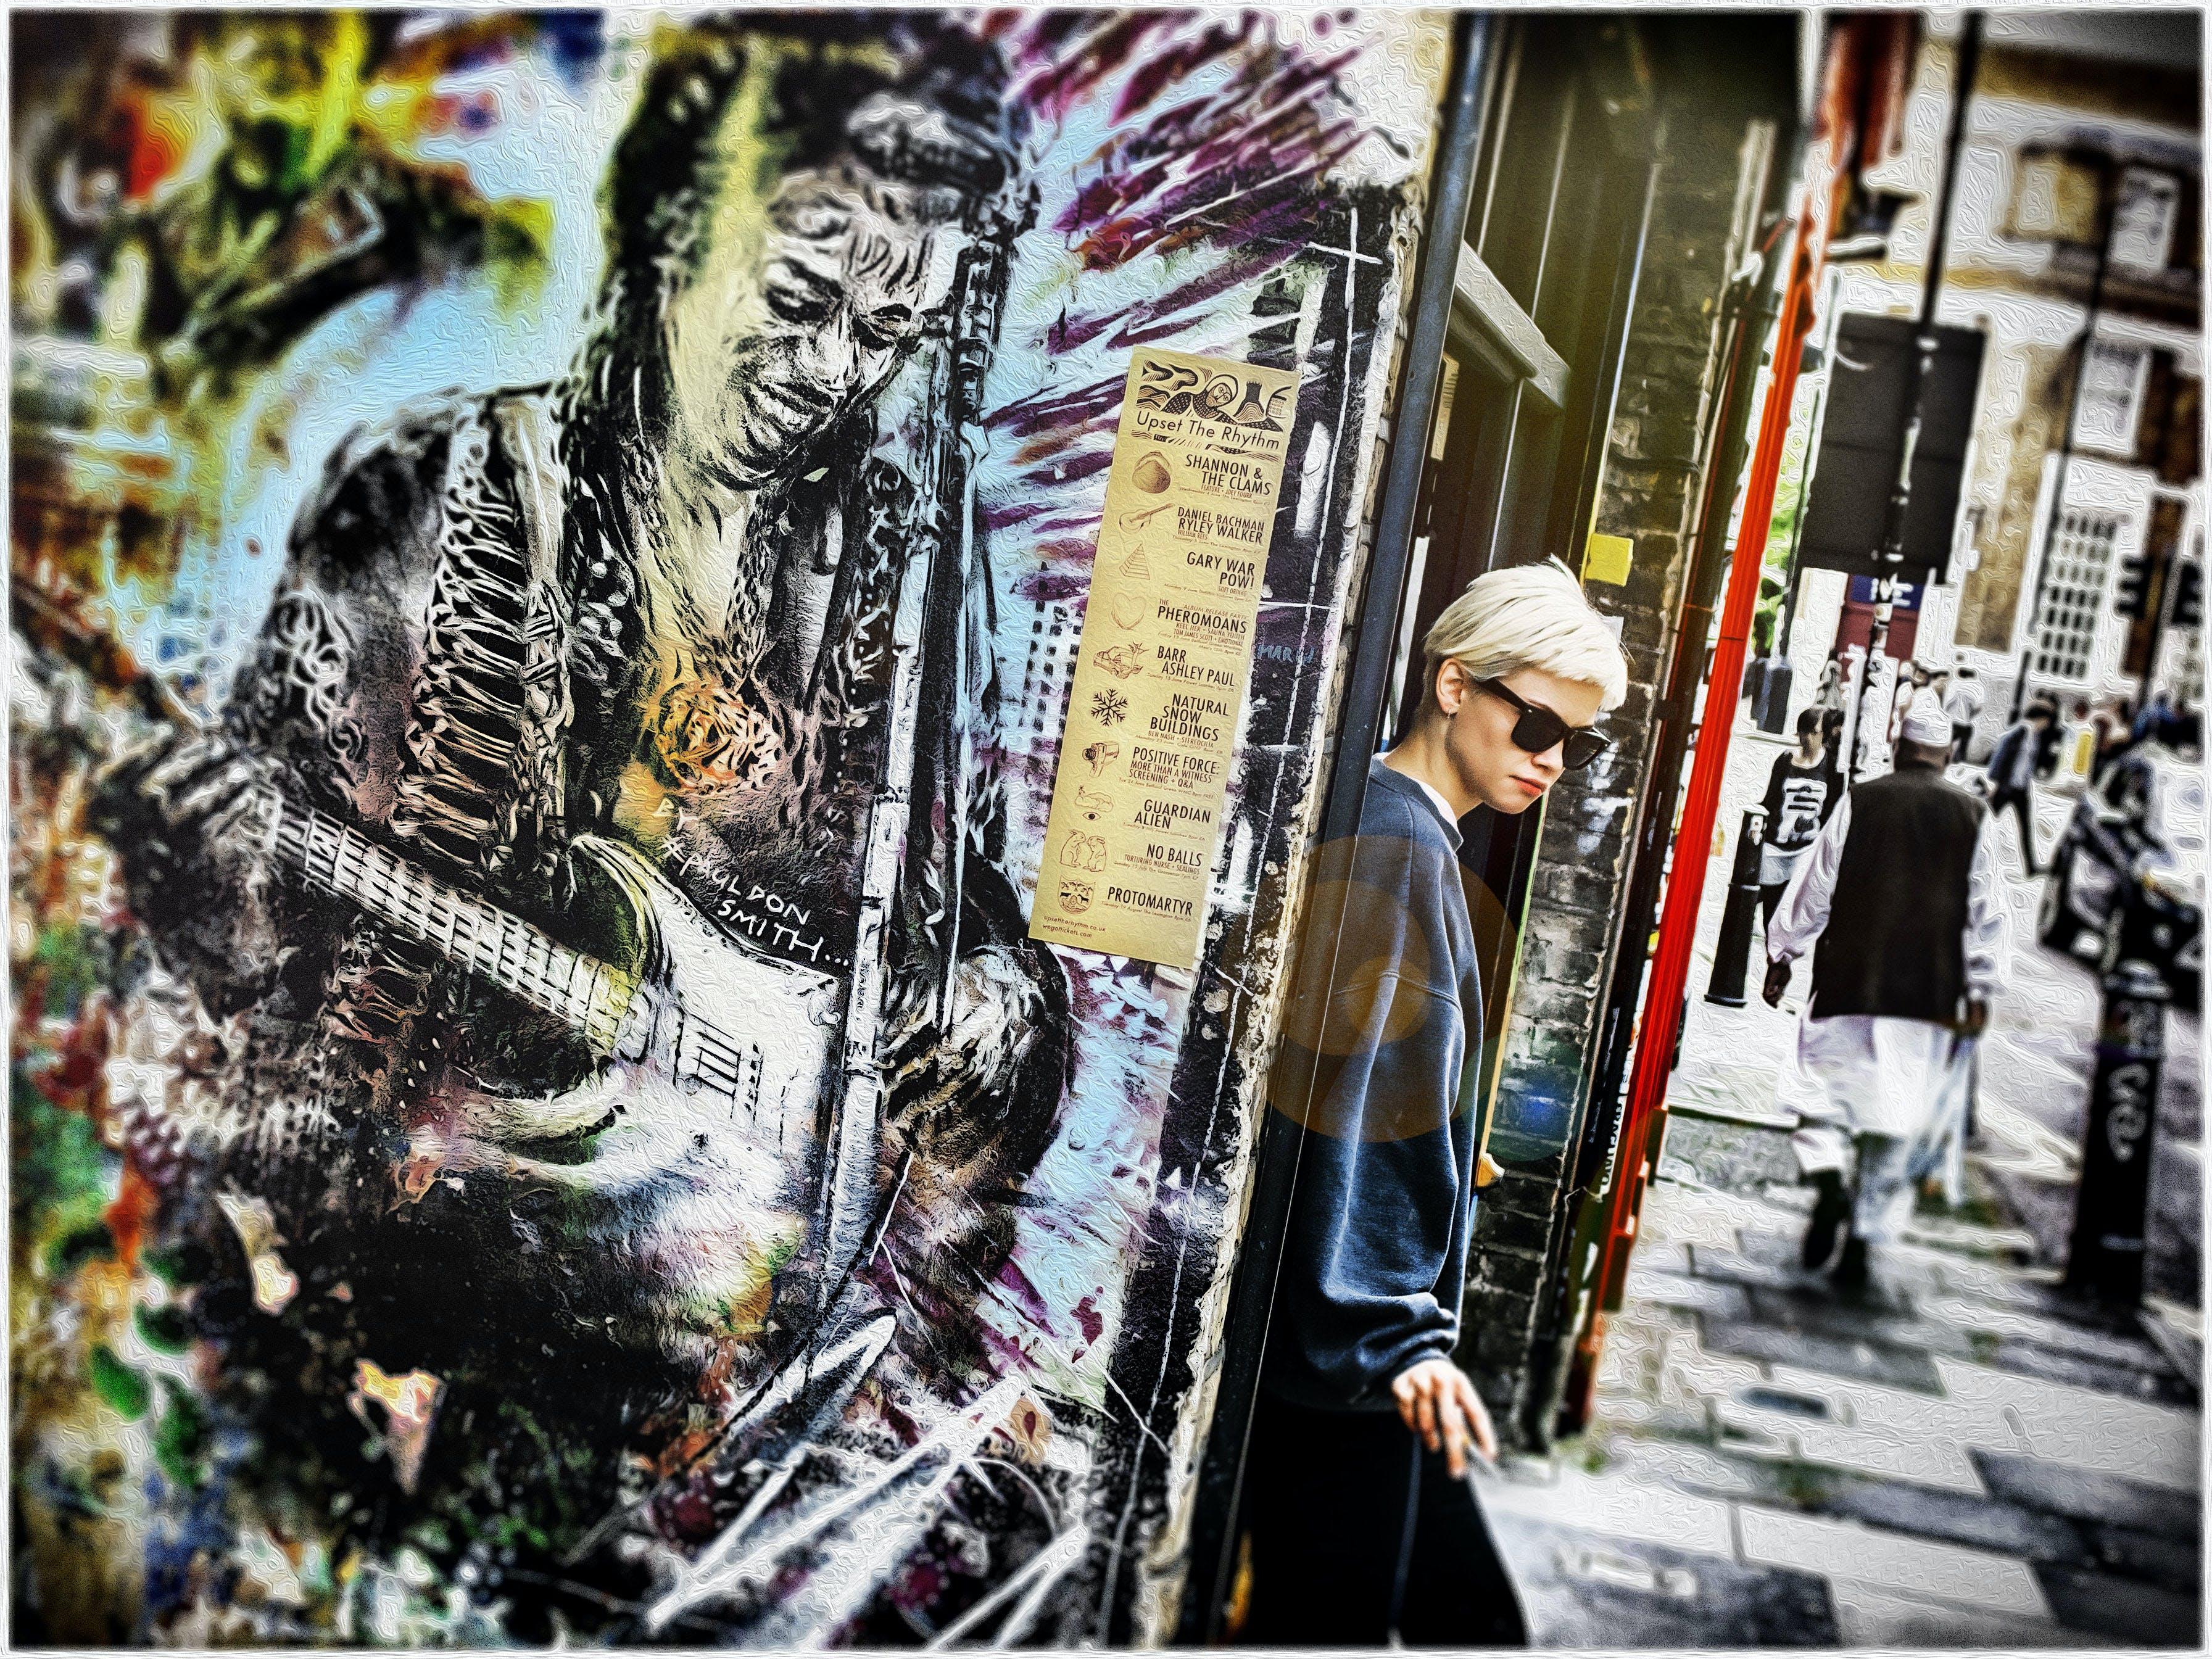 Δωρεάν στοκ φωτογραφιών με street art, ανατολή, δρόμος, επεξεργασία